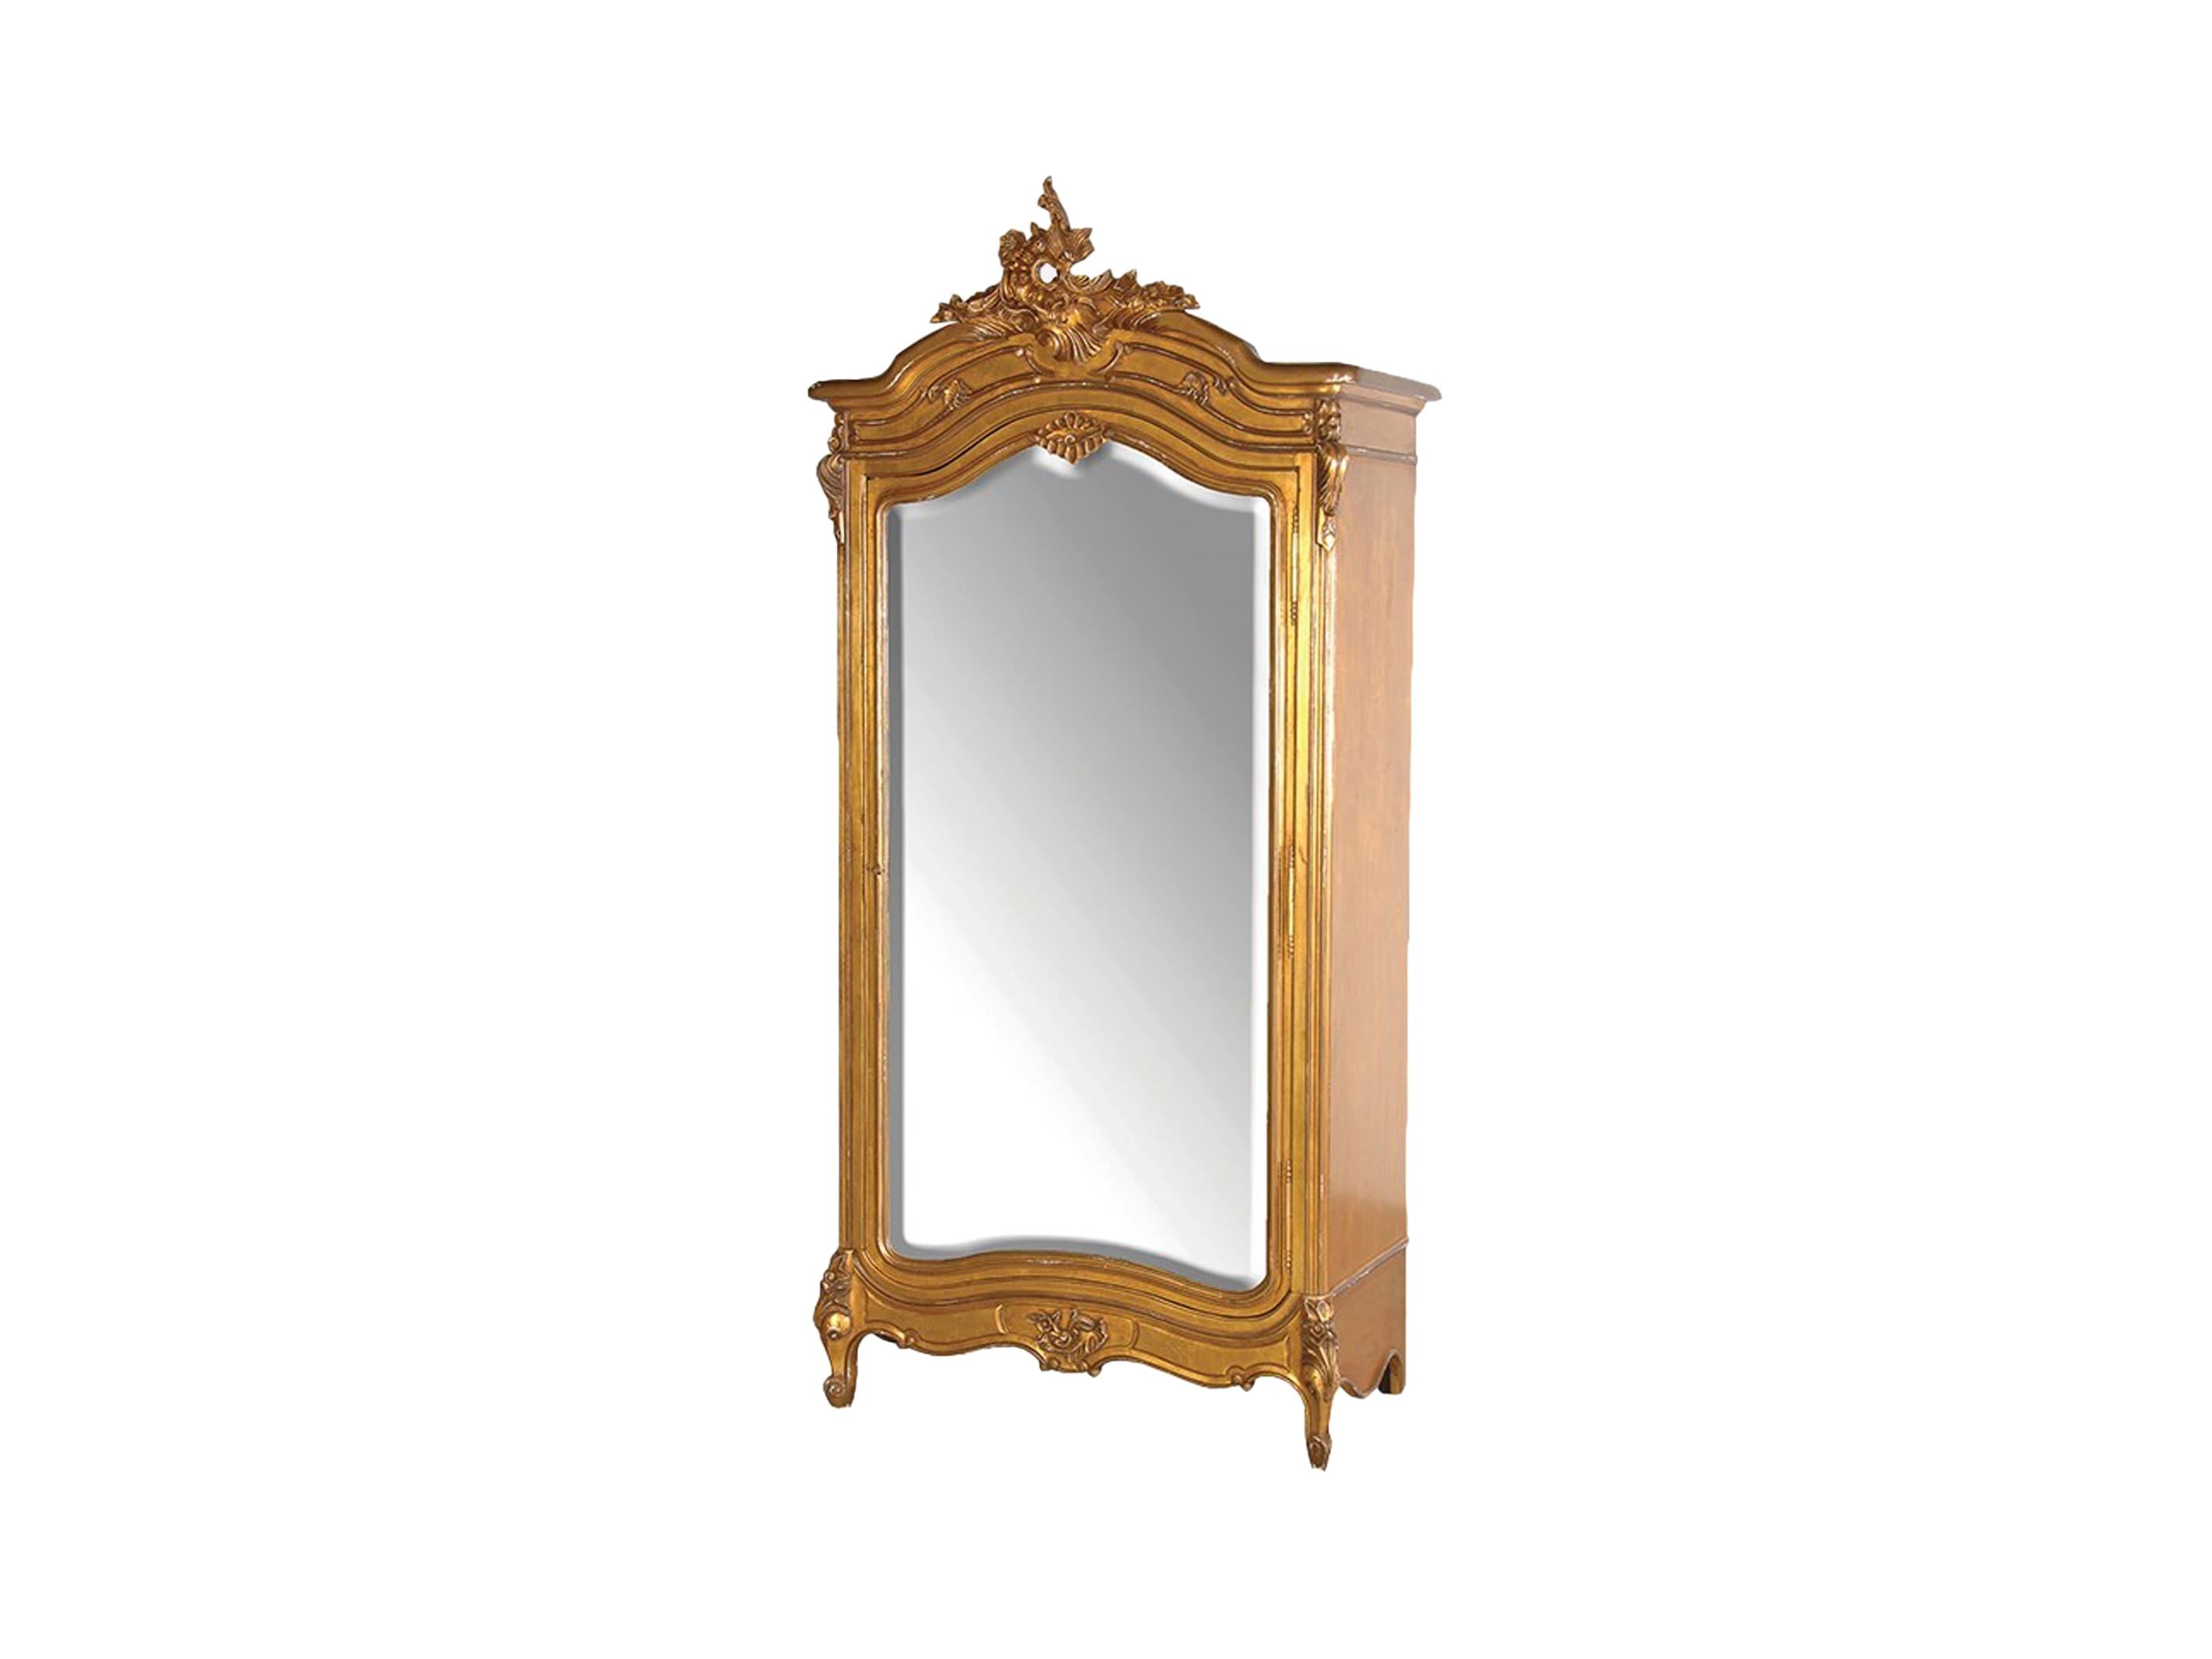 Шкаф платянойПлатяные шкафы<br>Платяной шкаф с зеркалом, декорирован резьбой ручной работы, искусственным старением и темной патиной.<br><br>Material: Красное дерево<br>Ширина см: 110<br>Высота см: 238<br>Глубина см: 59